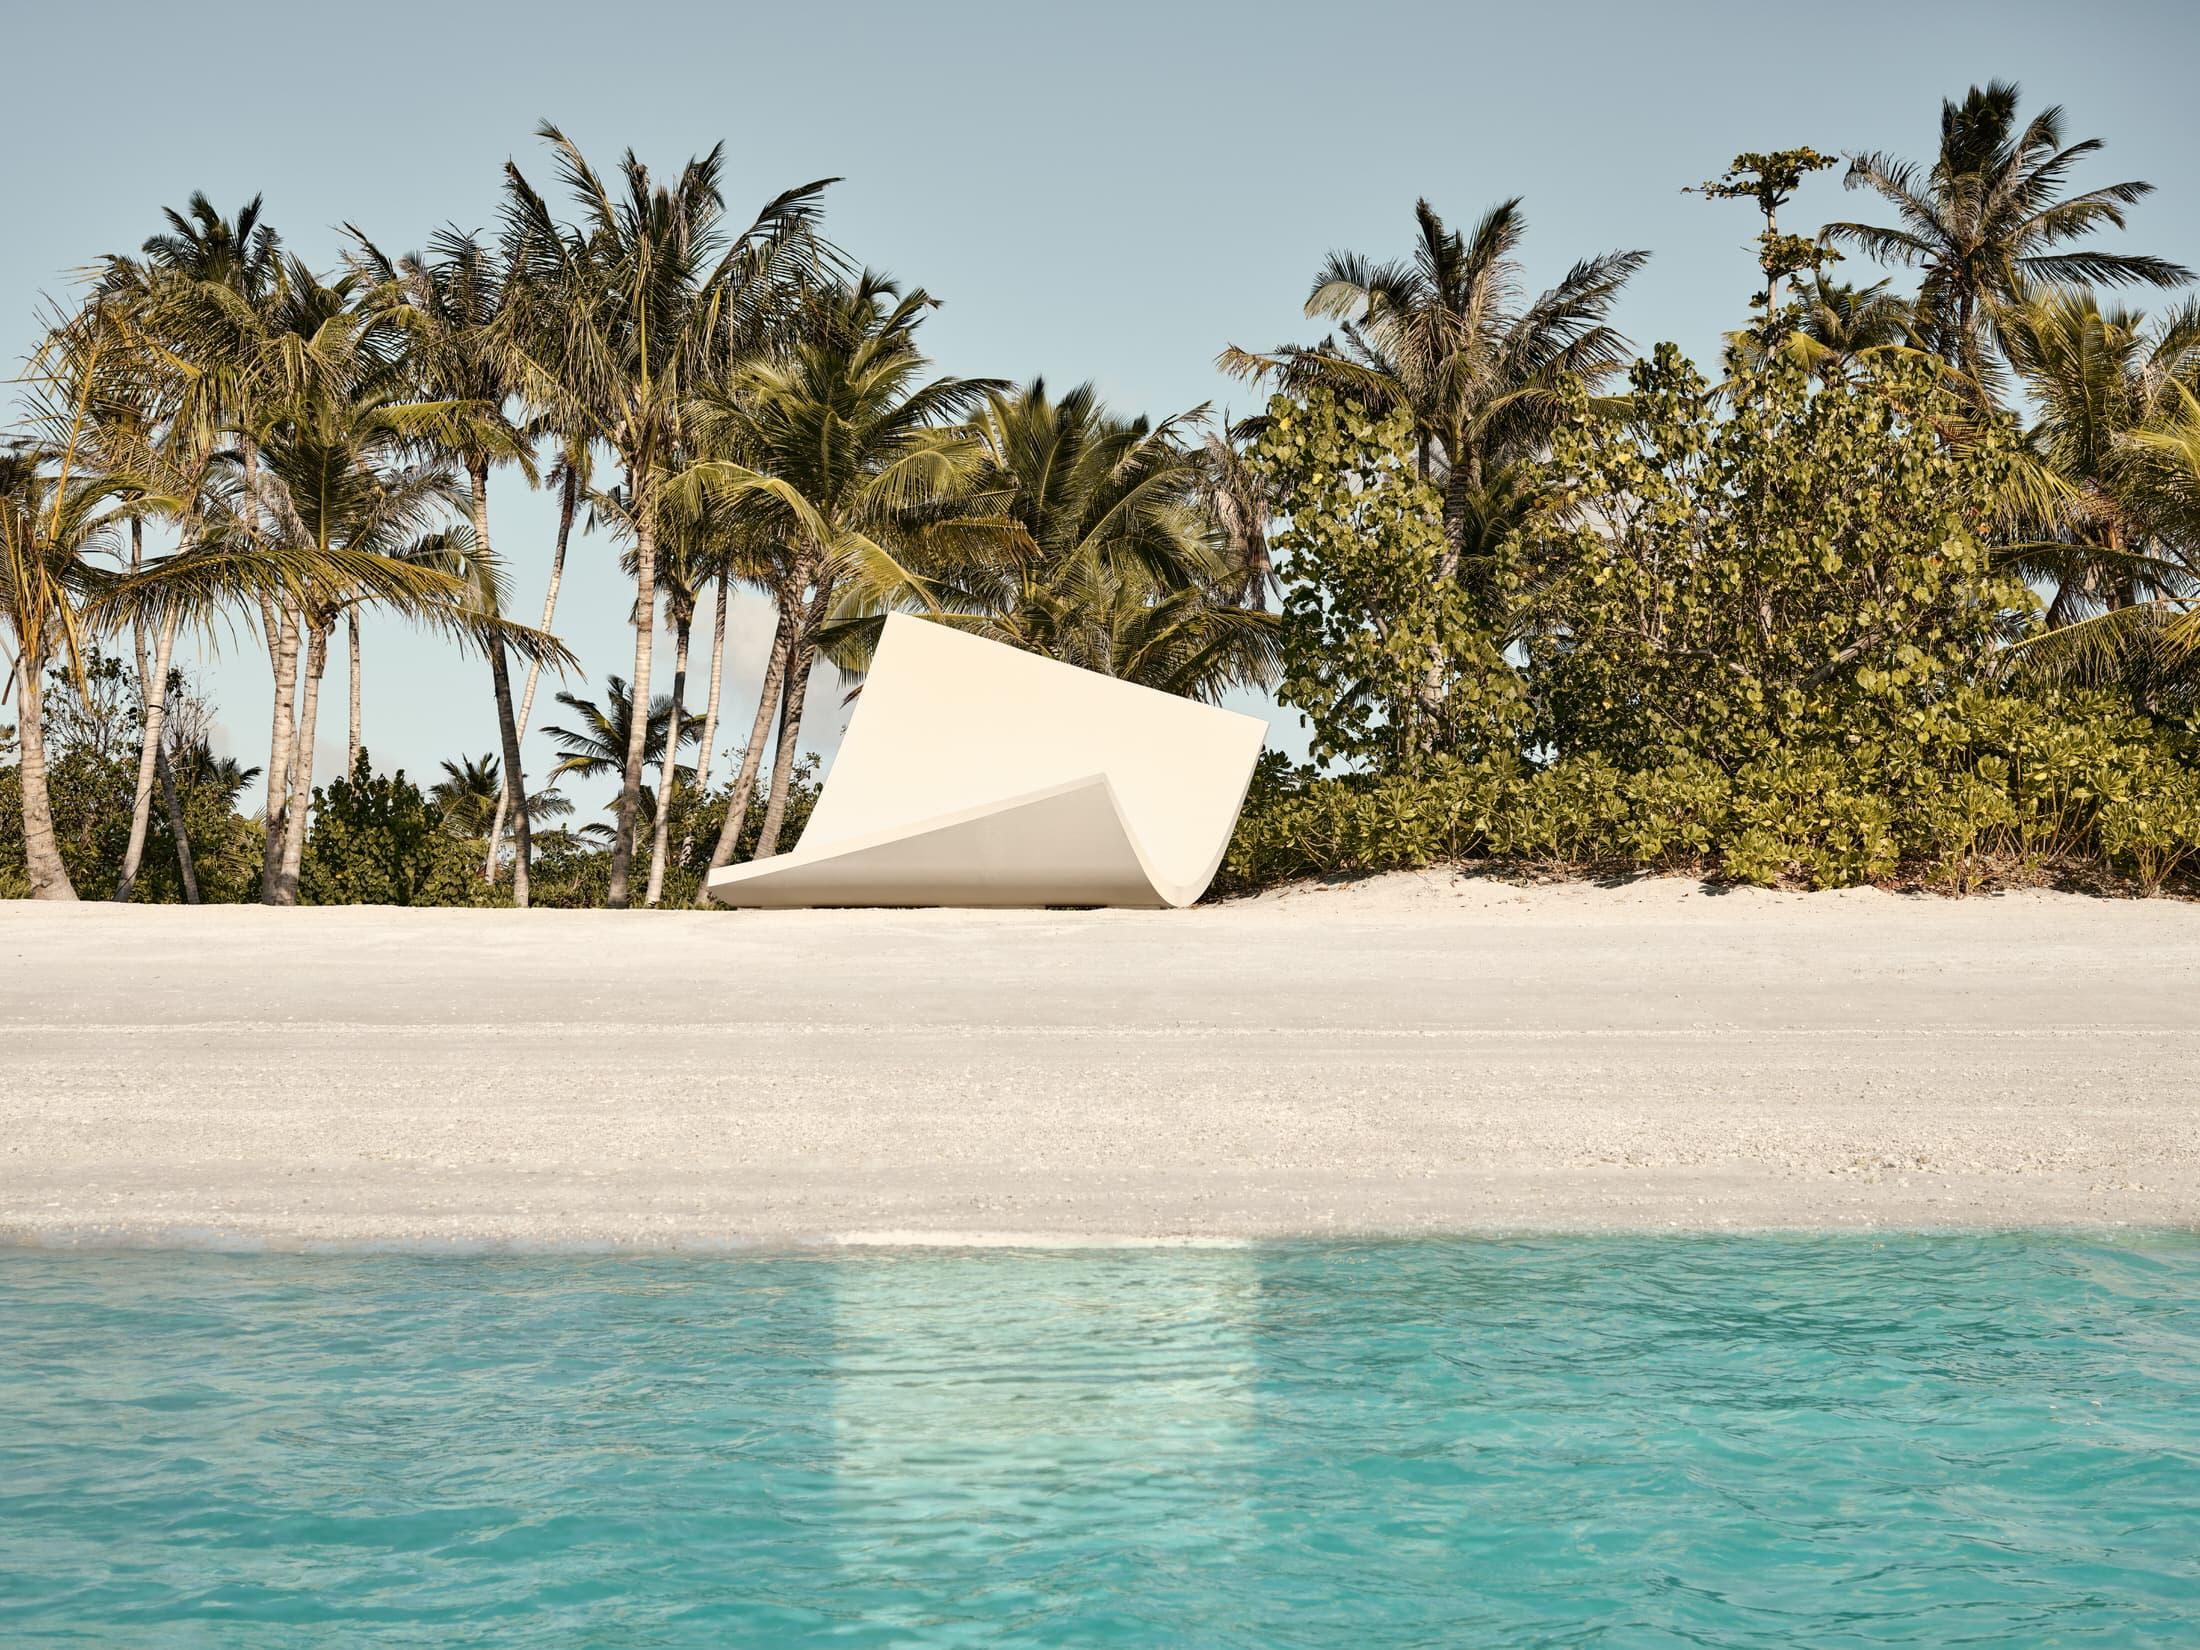 Studio Mk27 Patina Maldives Luxury Resort Yellowtrace 03